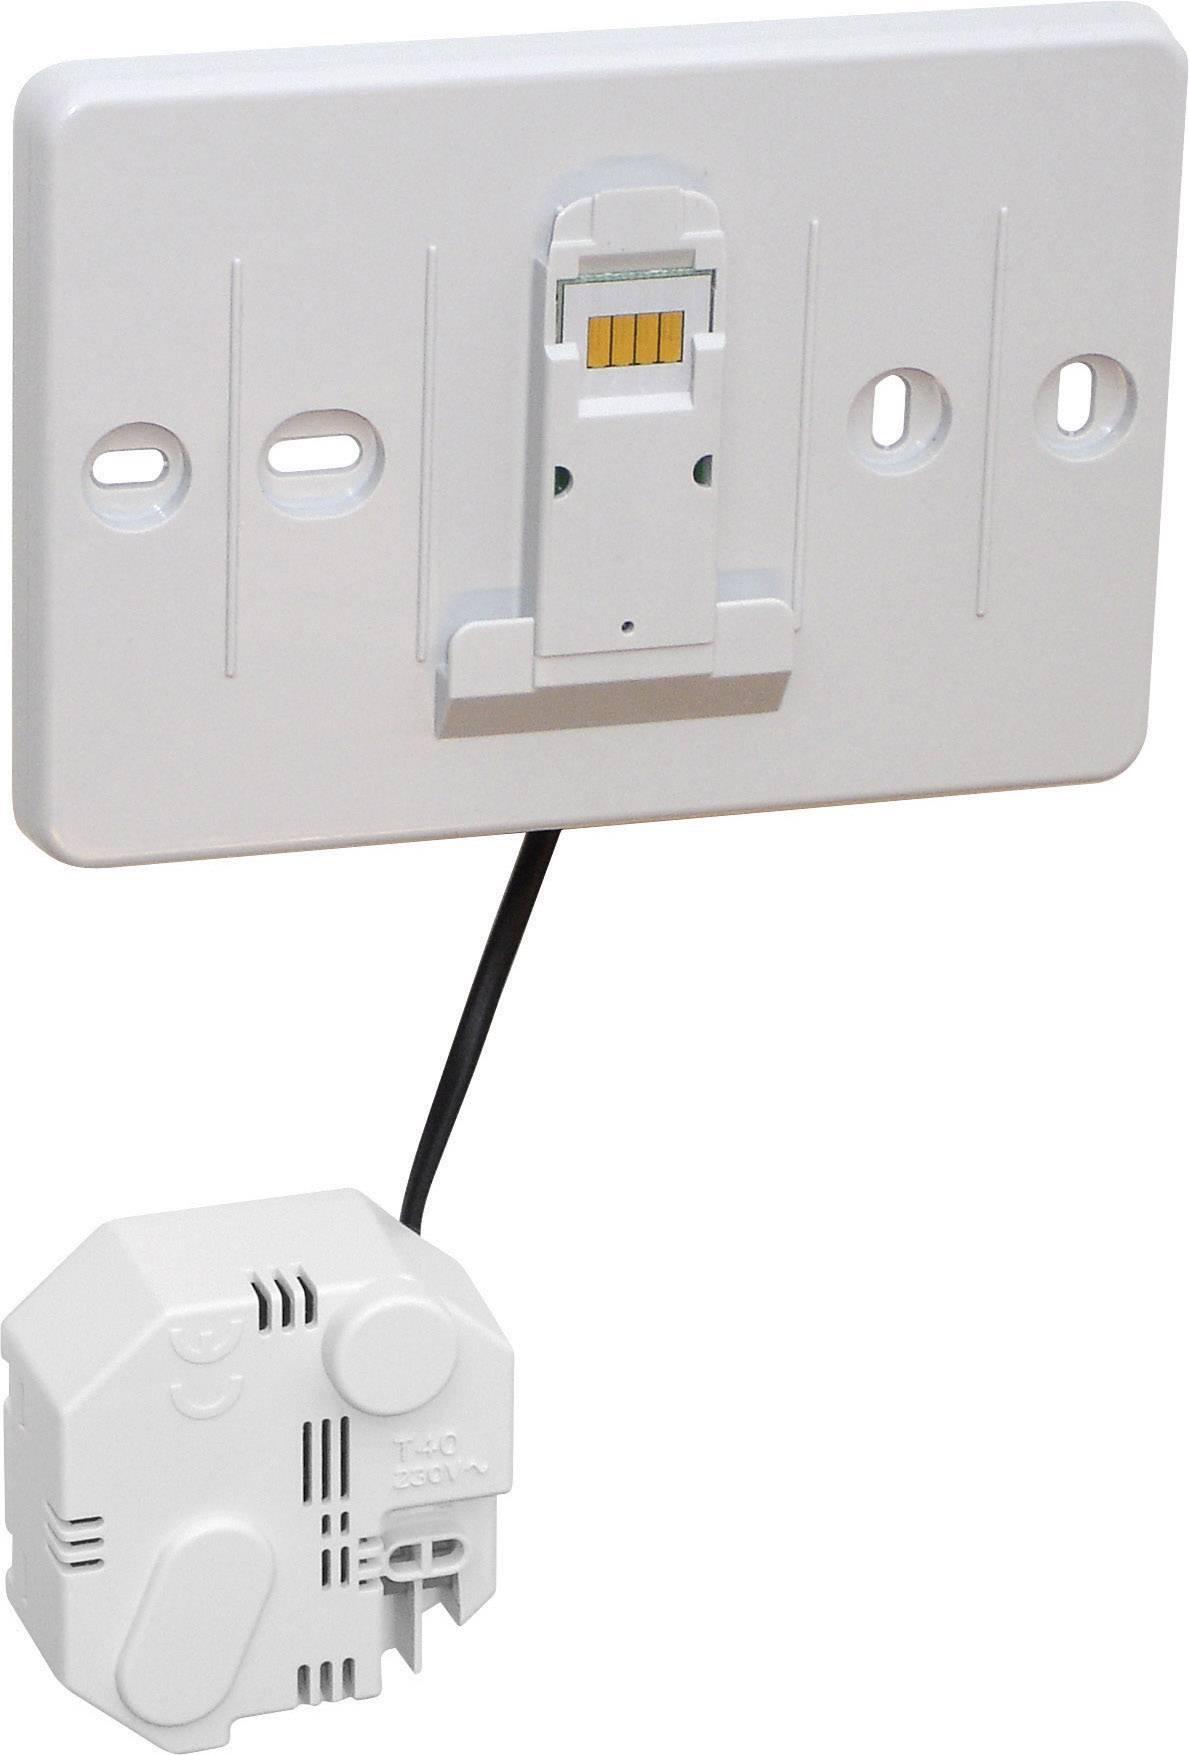 Držák na zeď pro ovládací jednotku systému Honeywell evohome, ATF300